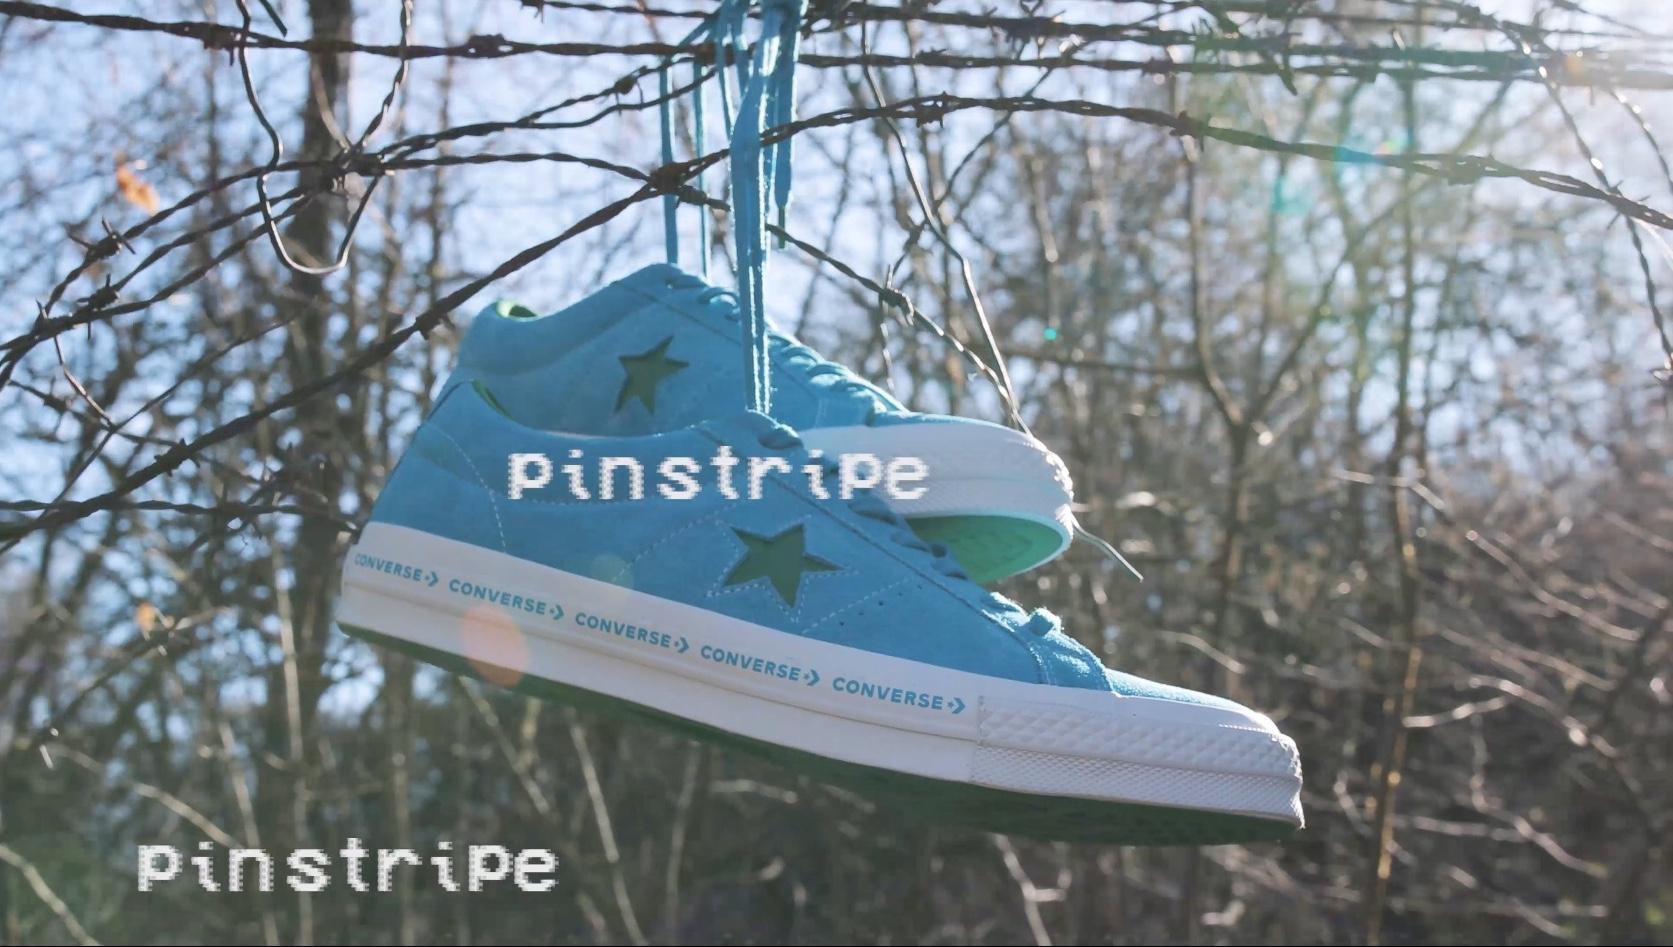 Converse Schuhe aufgehängt